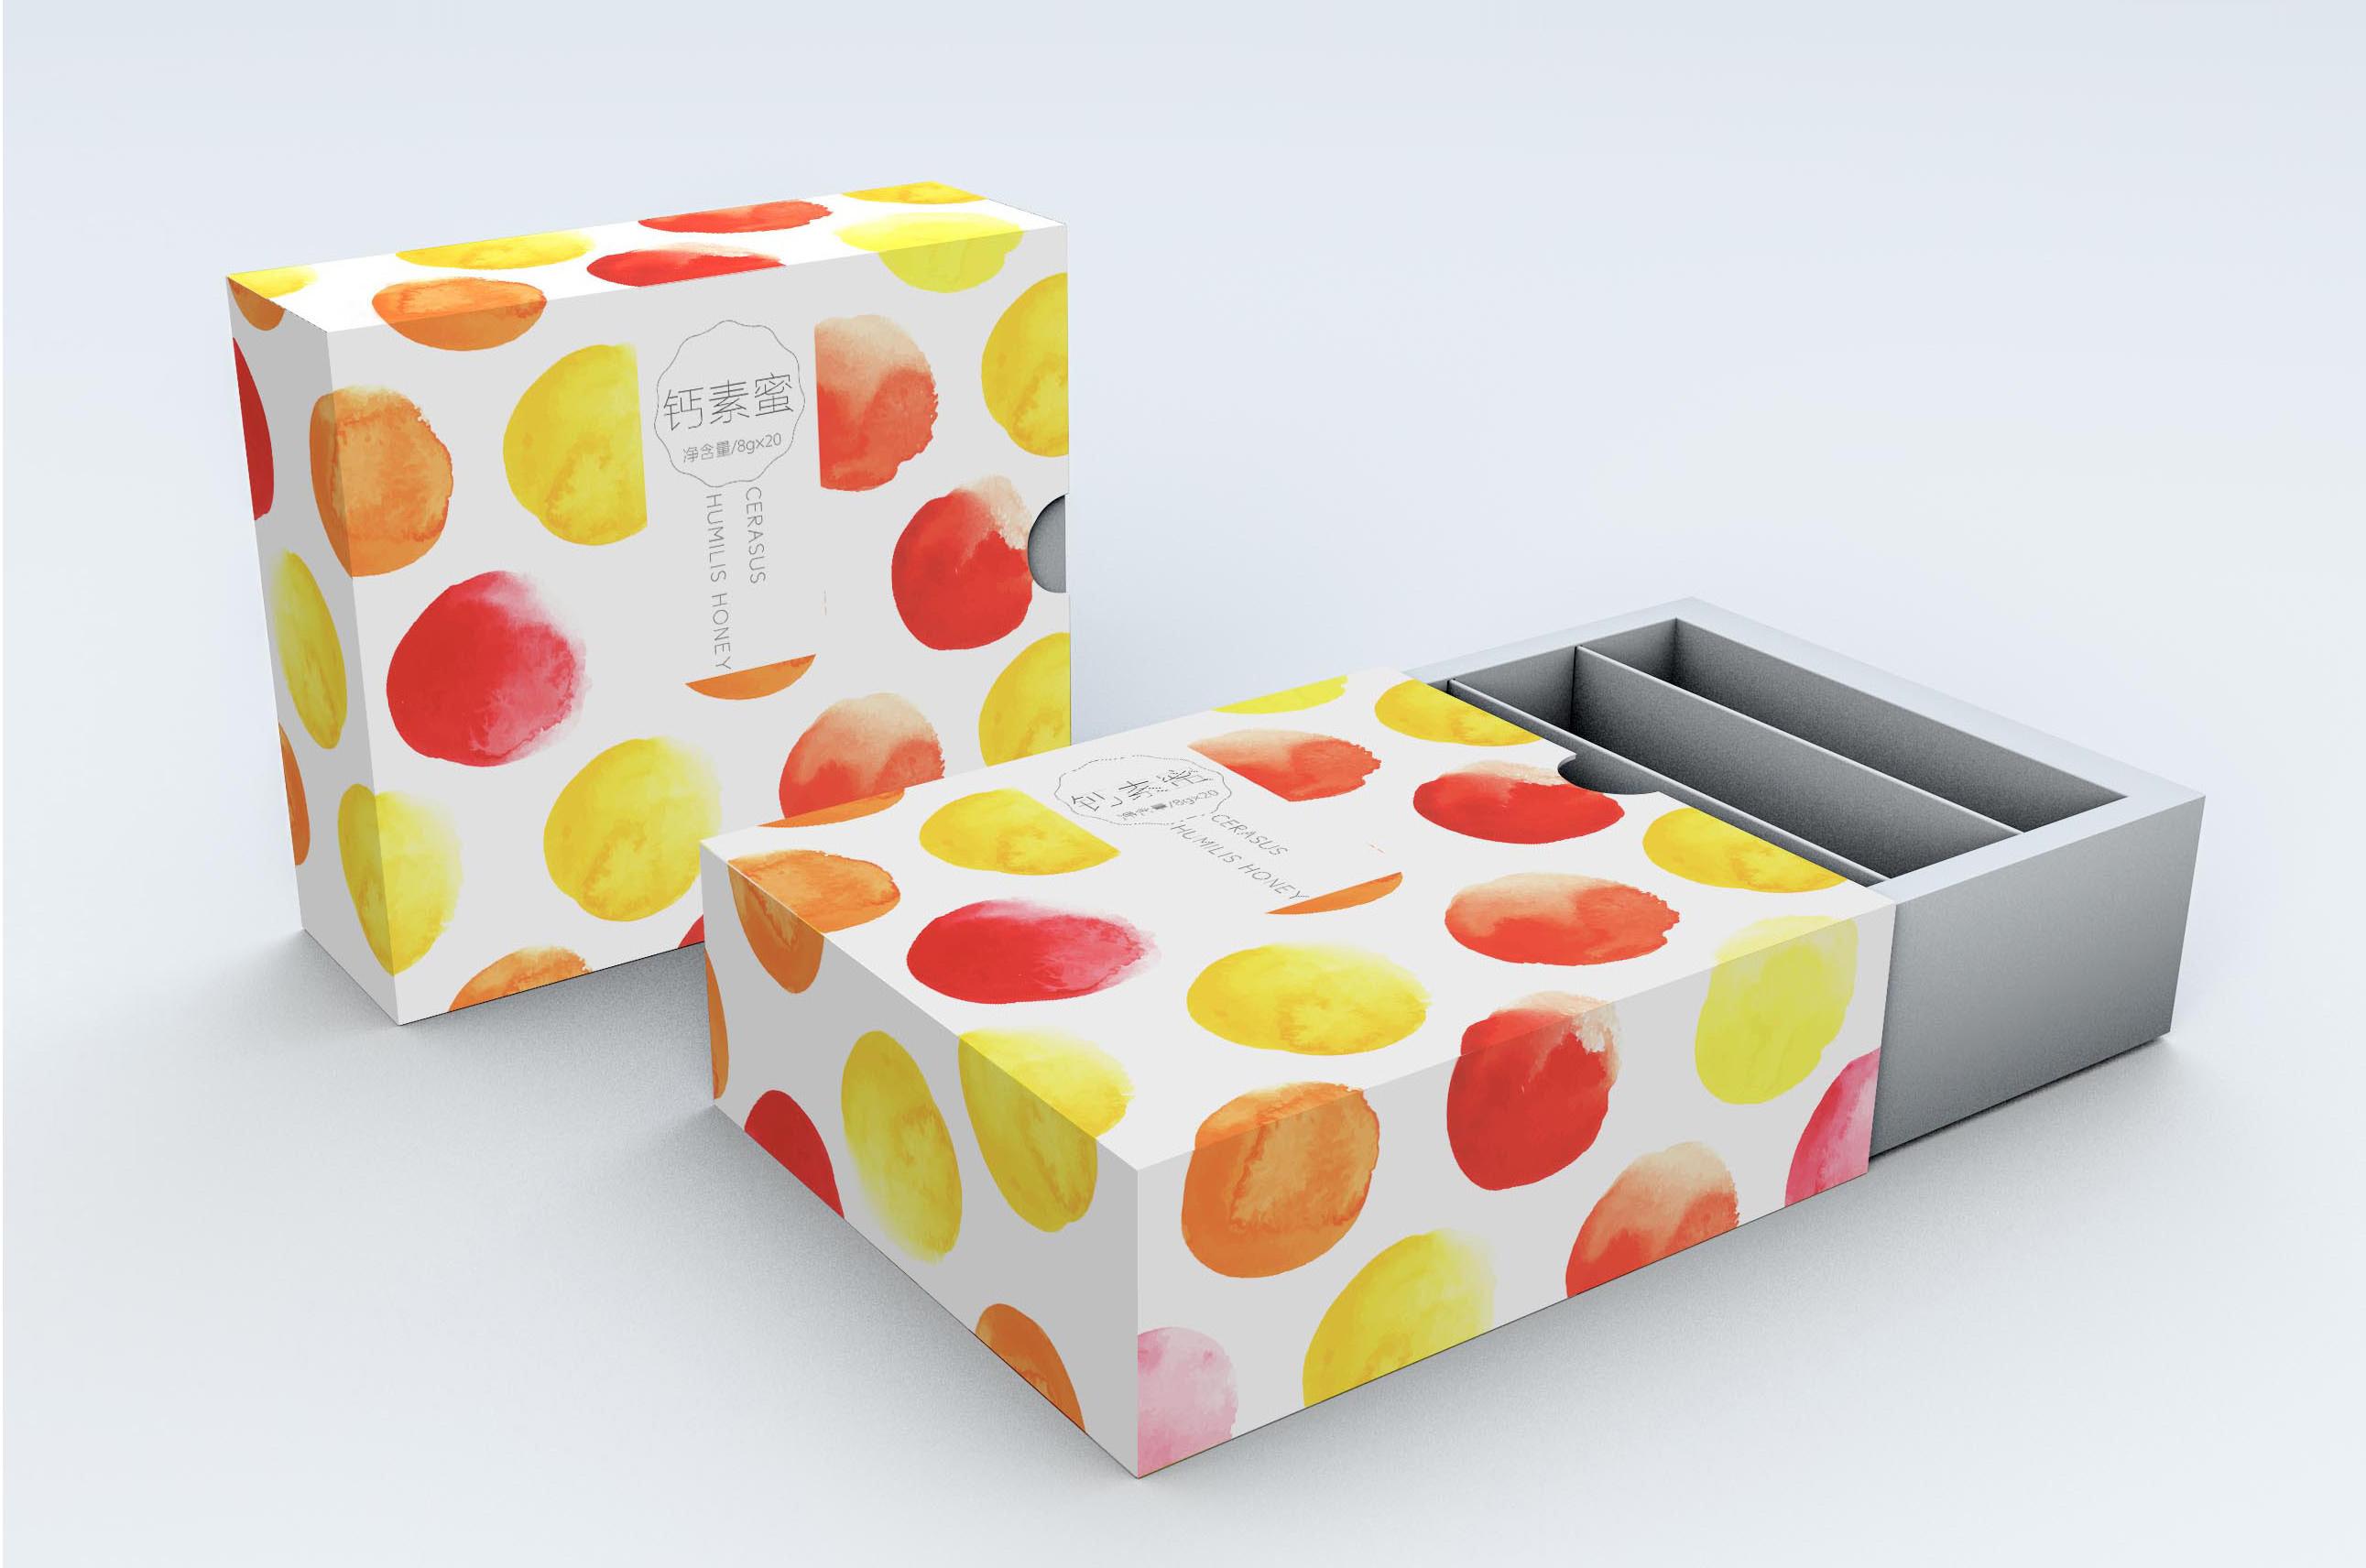 钙素蜜-高端食品包装设计